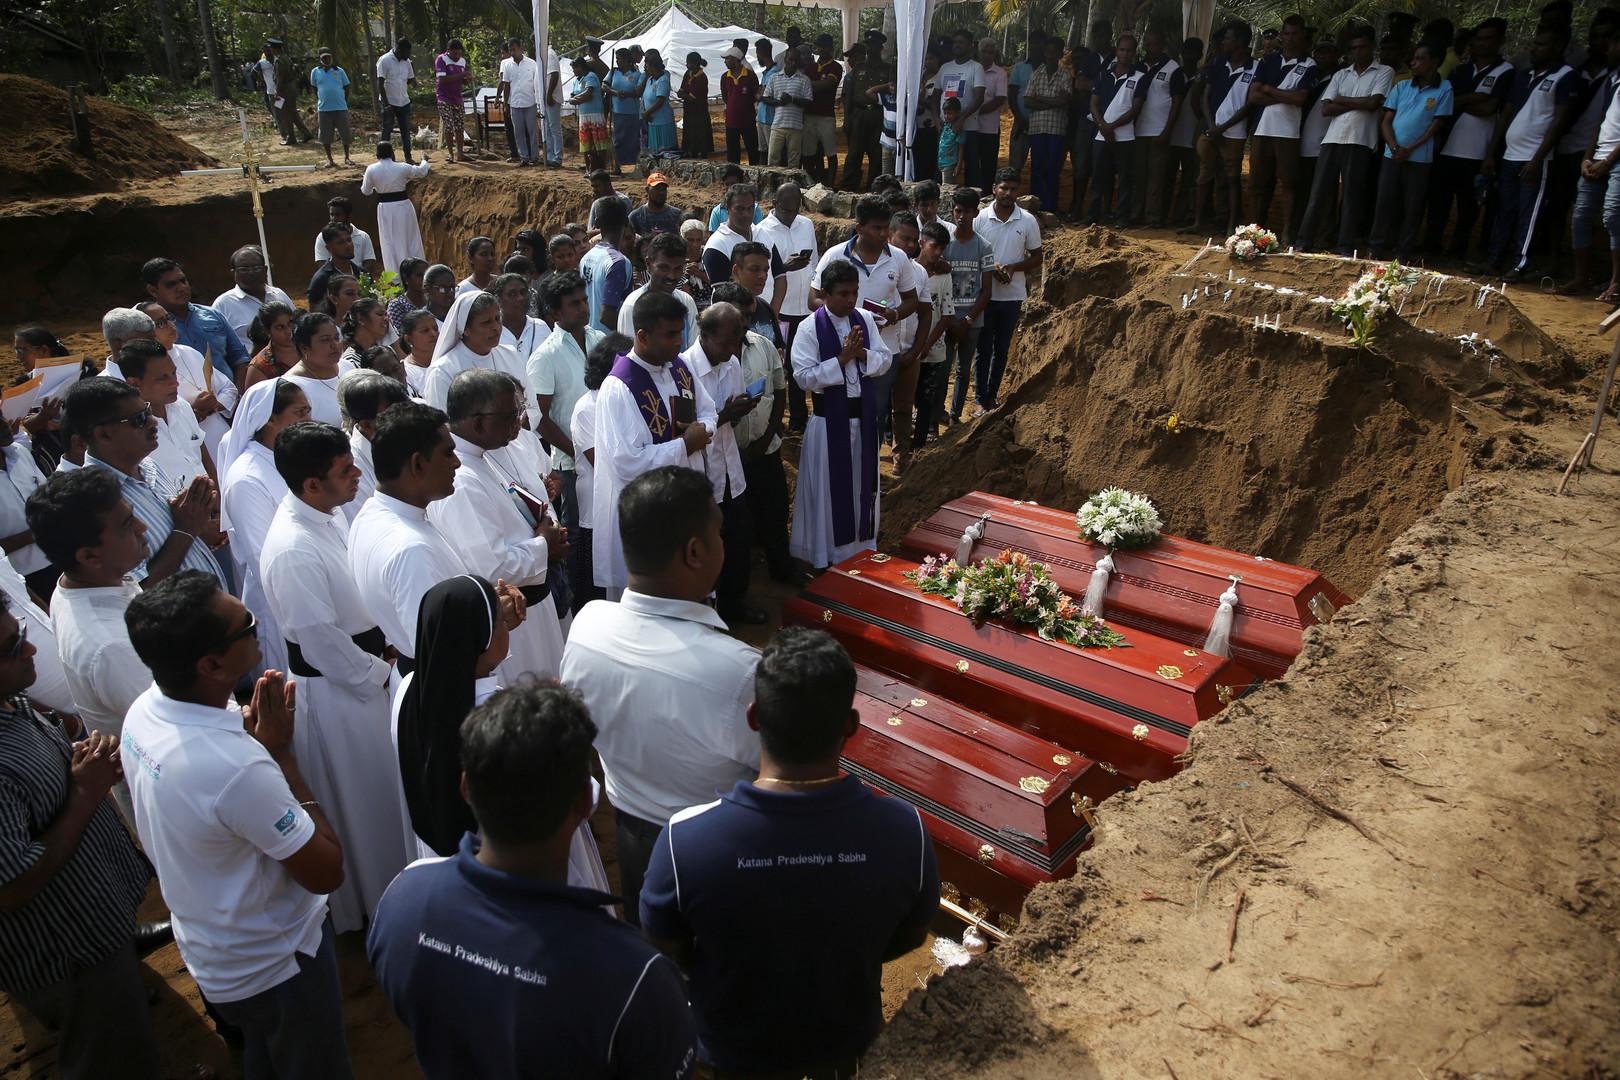 حداد وطني في سريلانكا وارتفاع حصيلة قتلى التفجيرات إلى 310 أشخاص